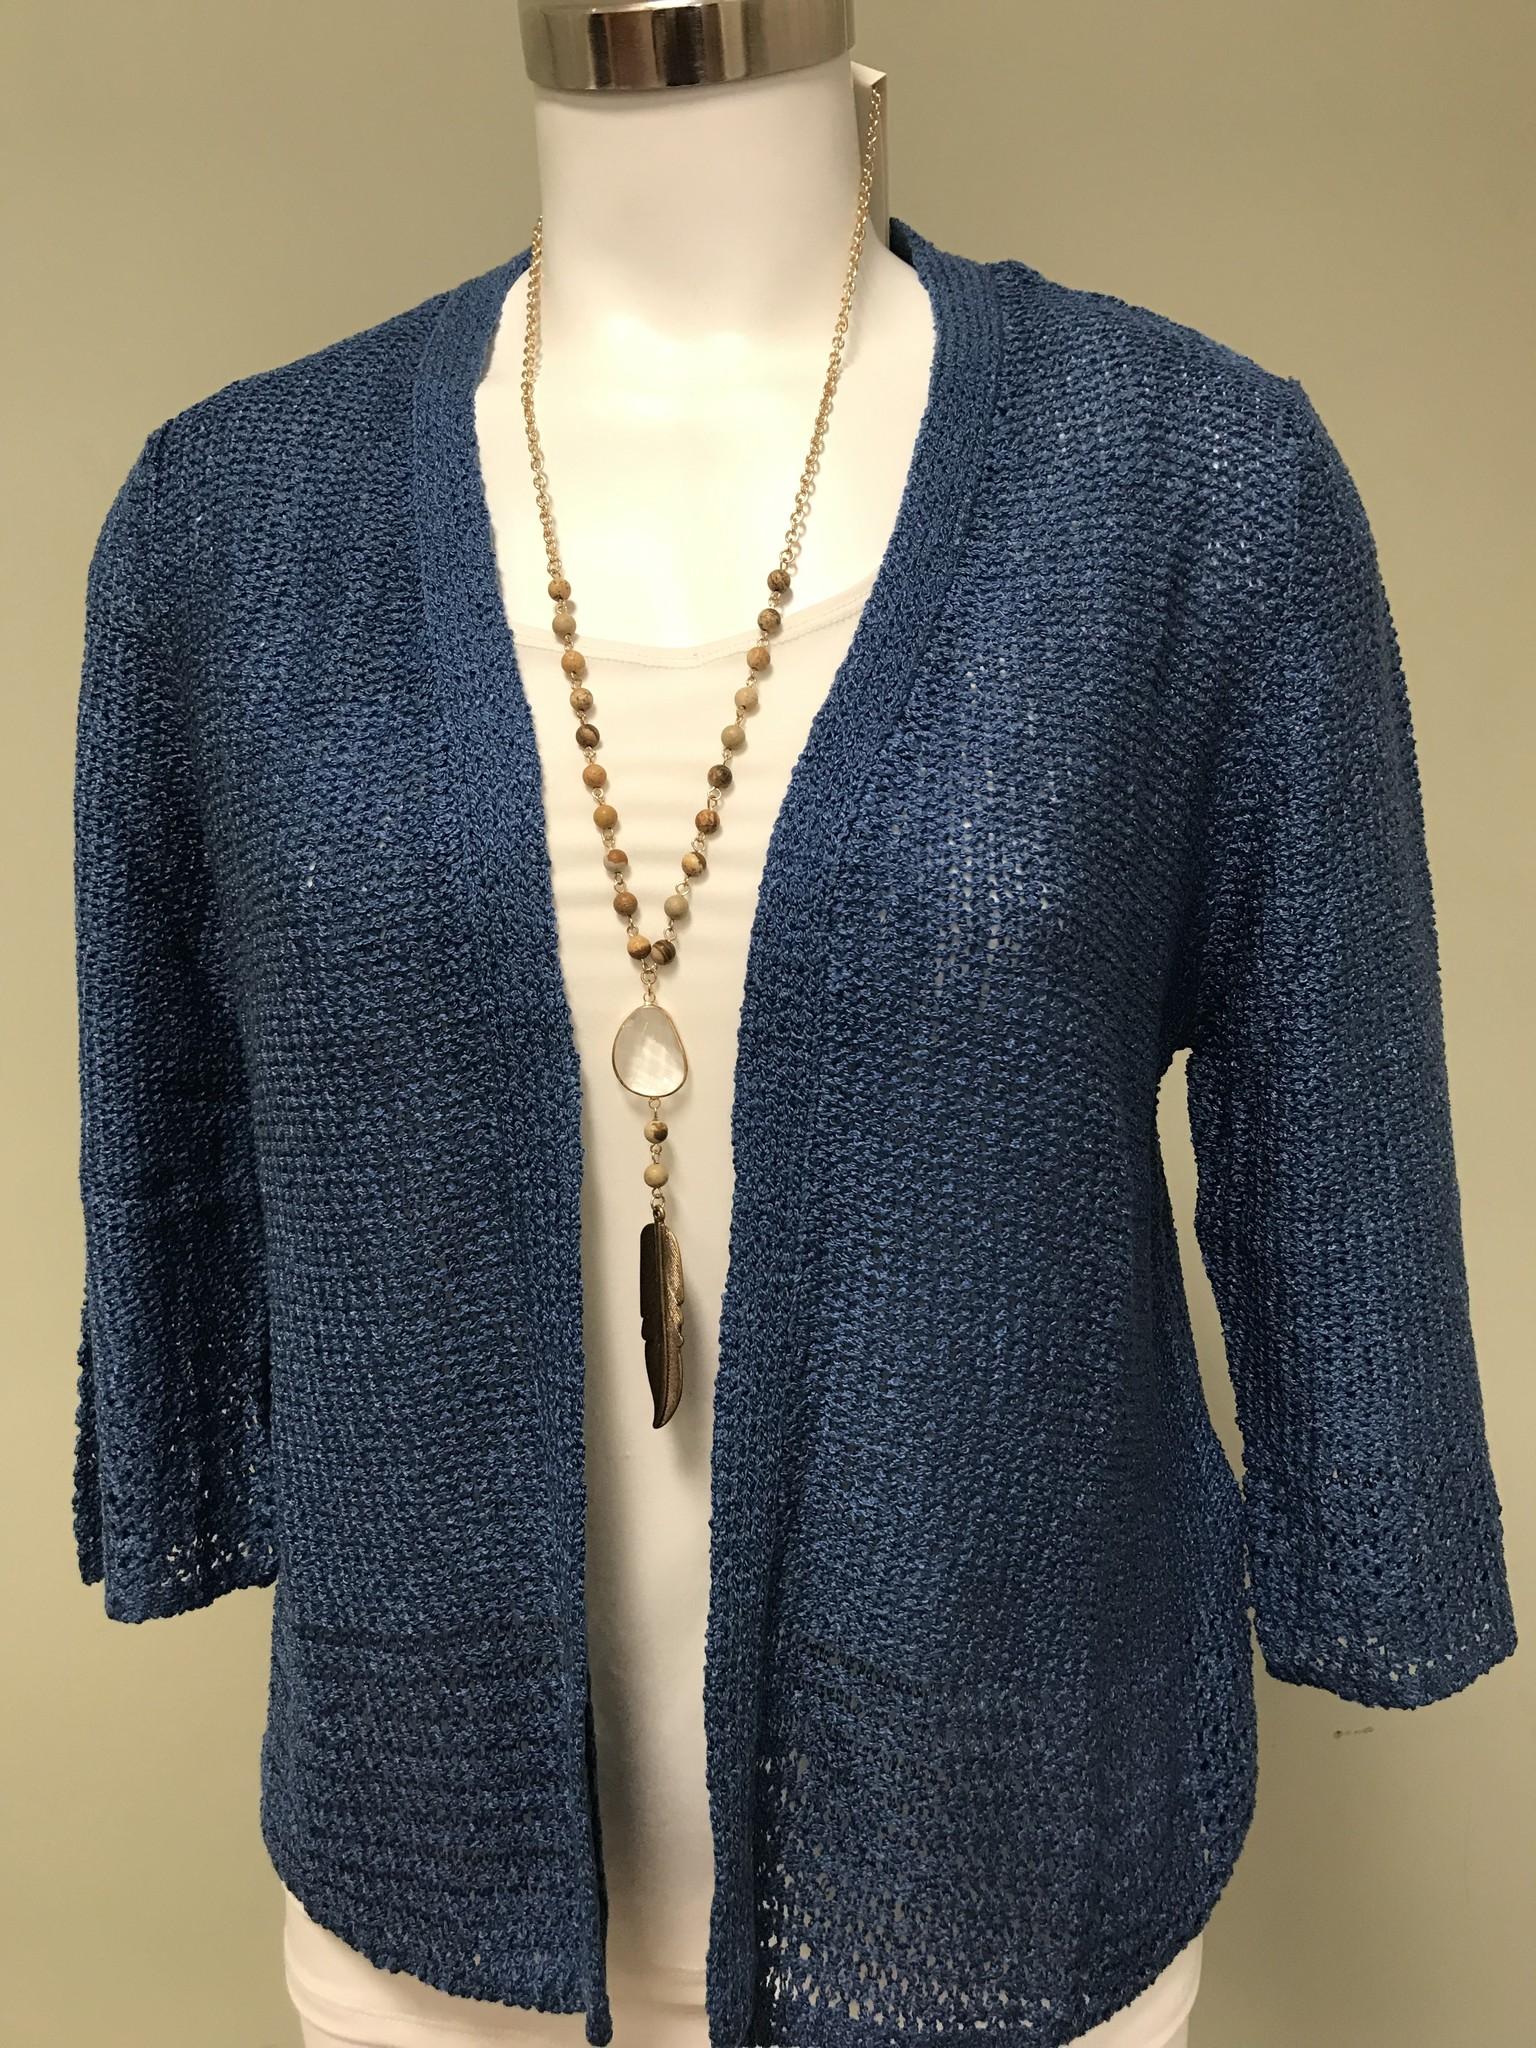 WIND RIVER Women's Knit Sweater